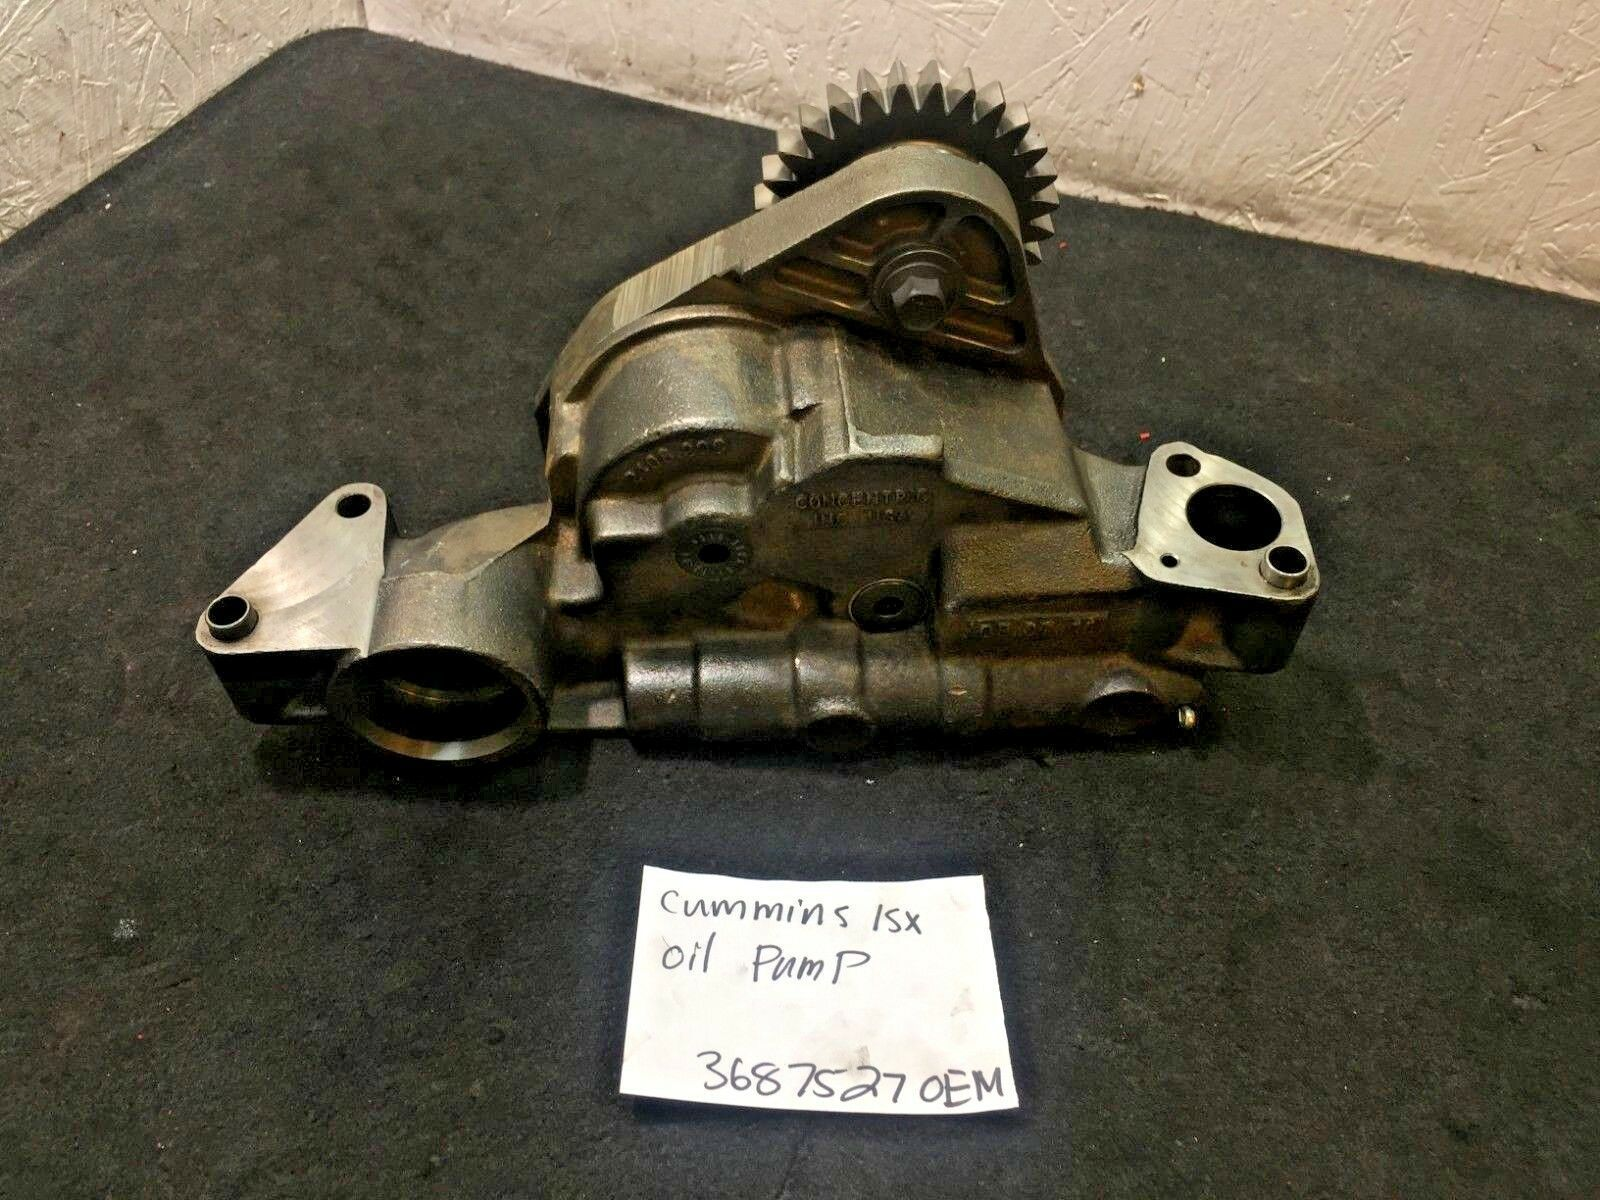 Cummins Diesel Engine ISX 15 Oil Pump  3687527 OEM